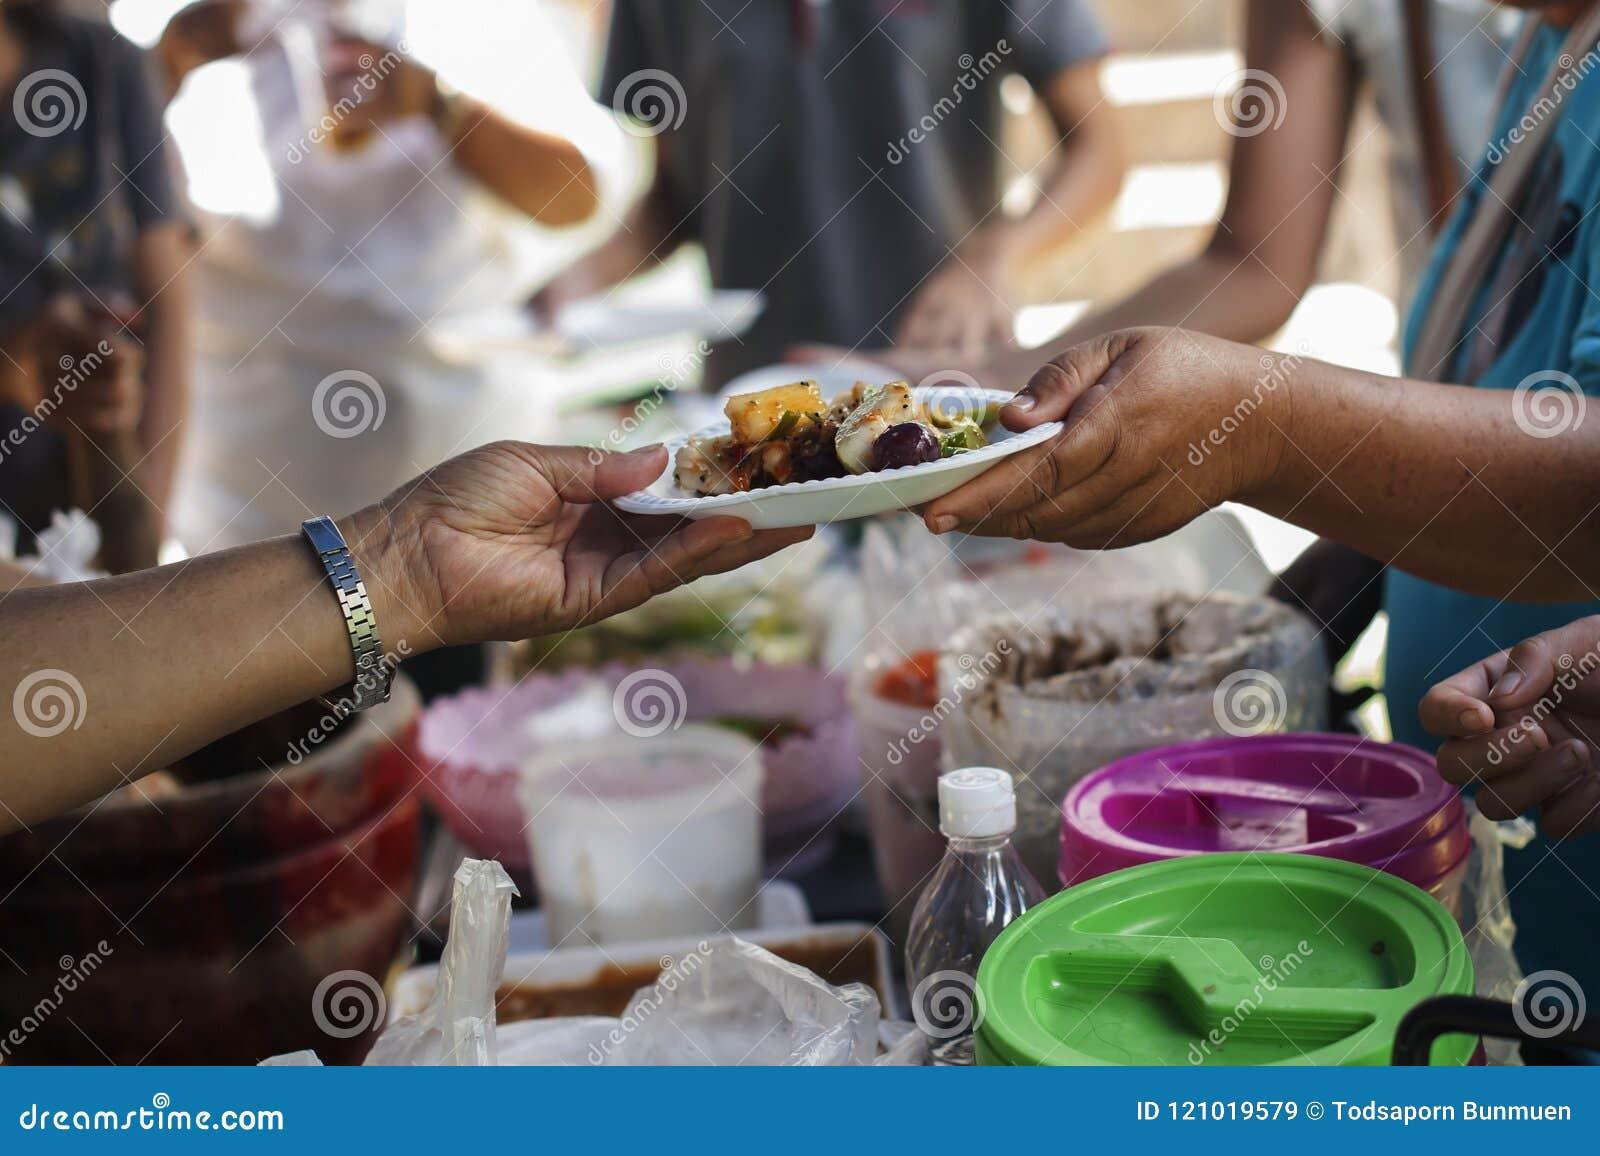 Voedselschenking om mensen in verlichting van de hongersnood te helpen